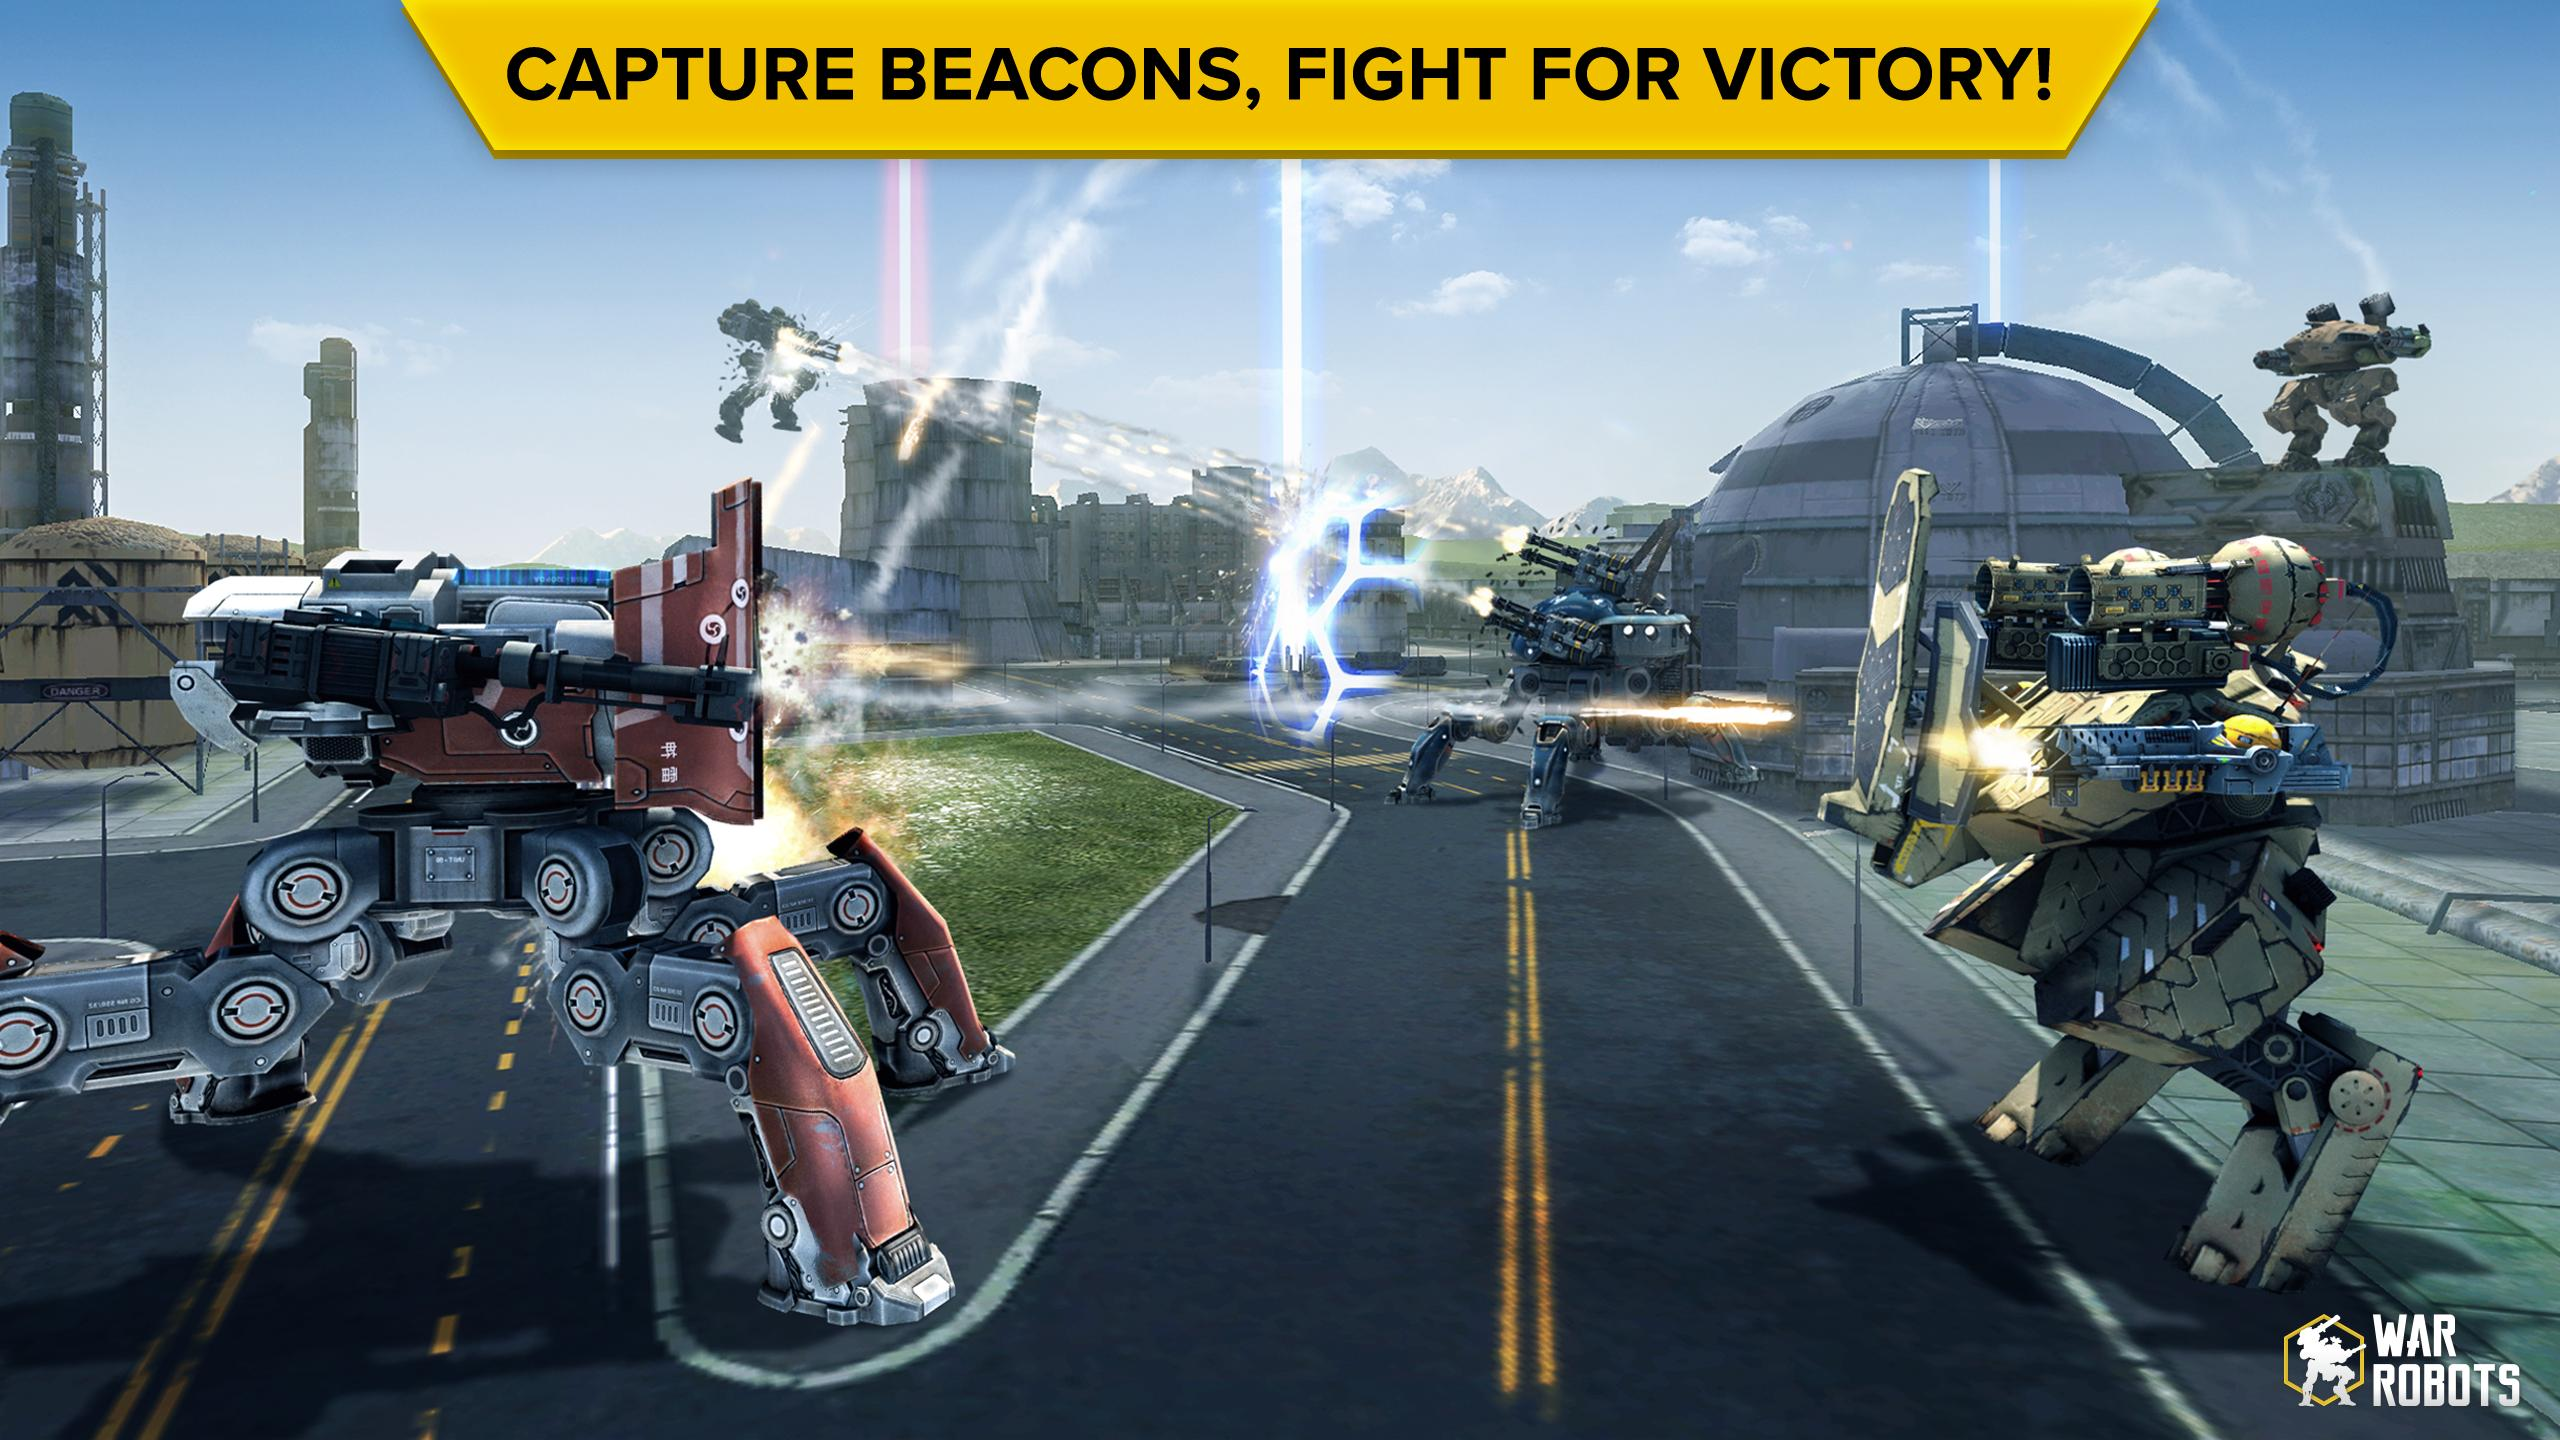 War Robots Multiplayer Battles 6.4.8 Screenshot 10